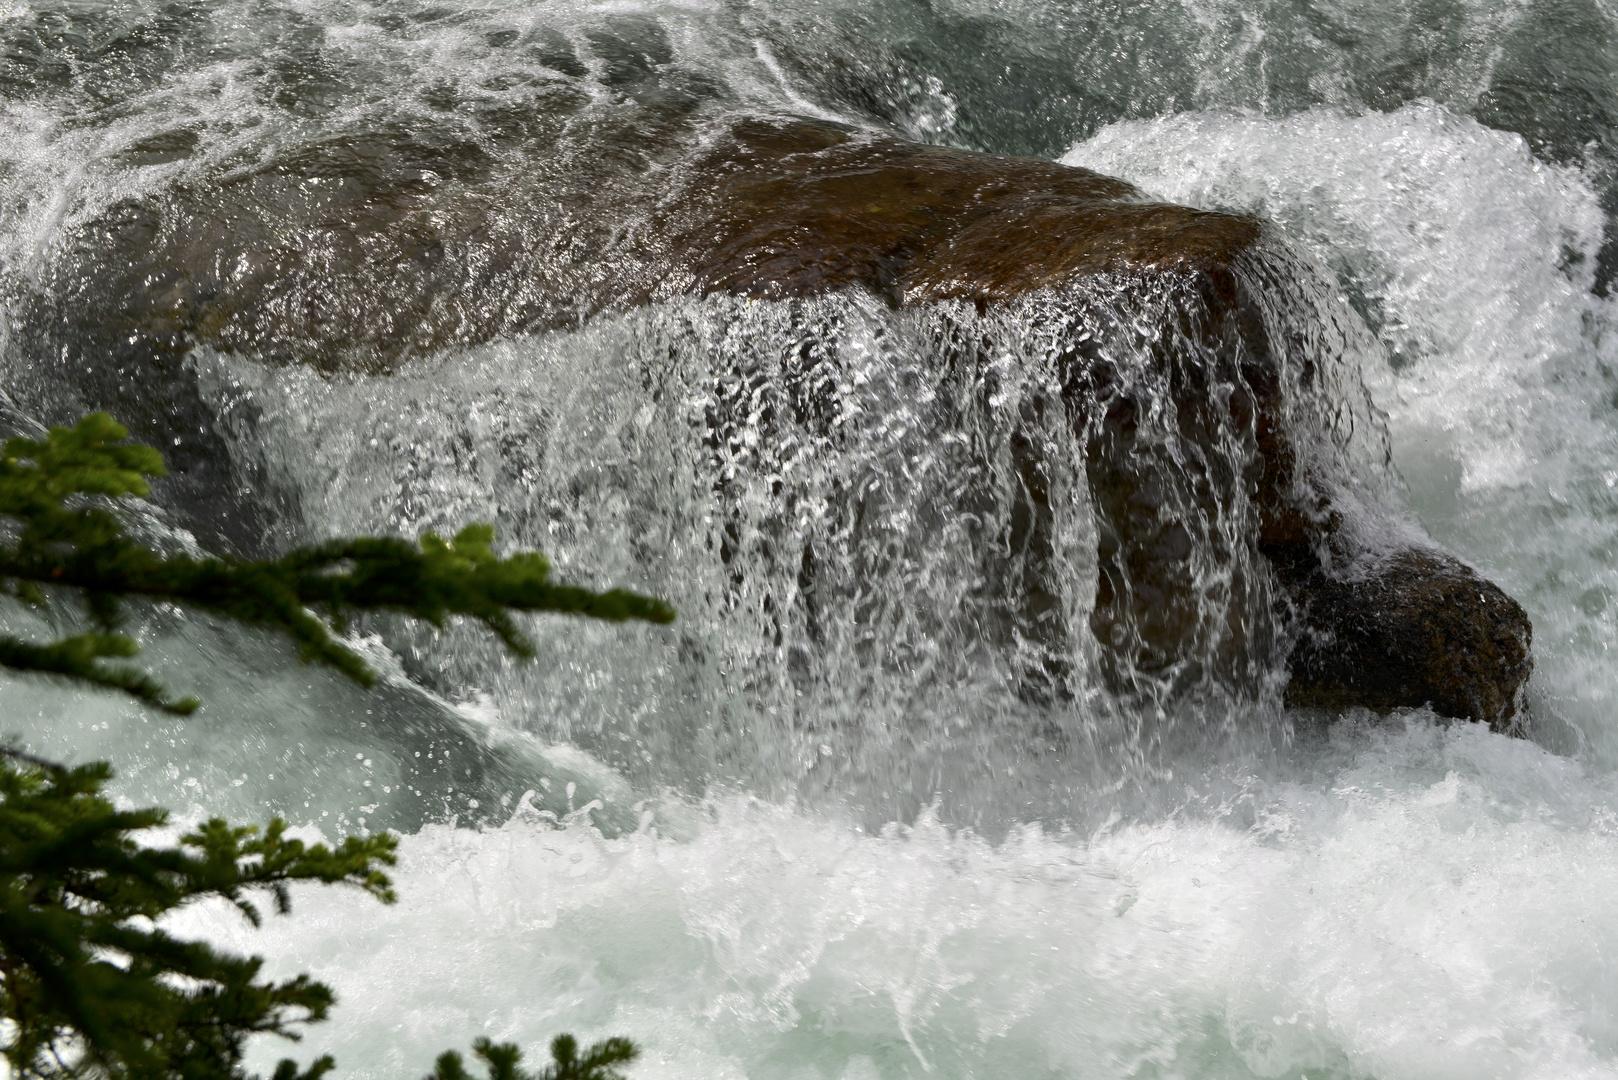 Das Wasser fliesst